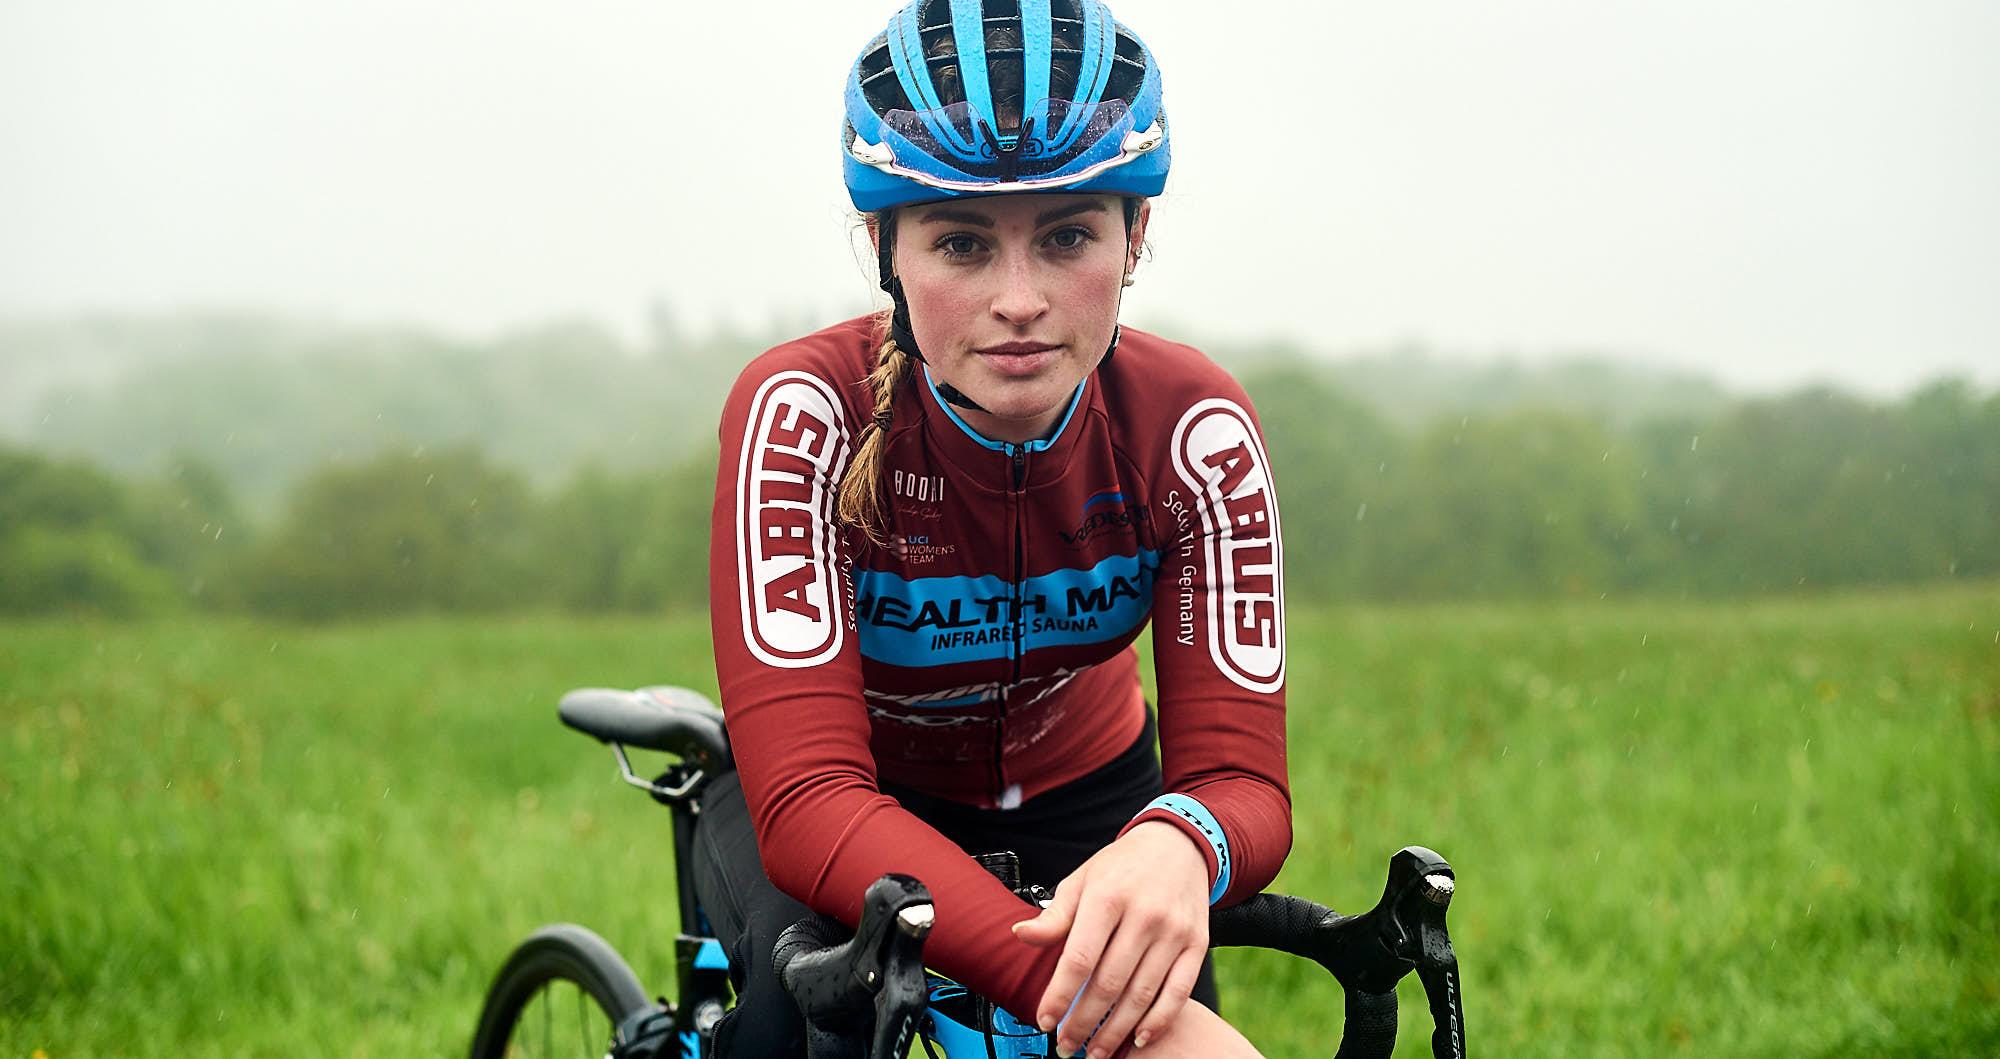 Portrait of Dutch cyclist Elodie Kuijper